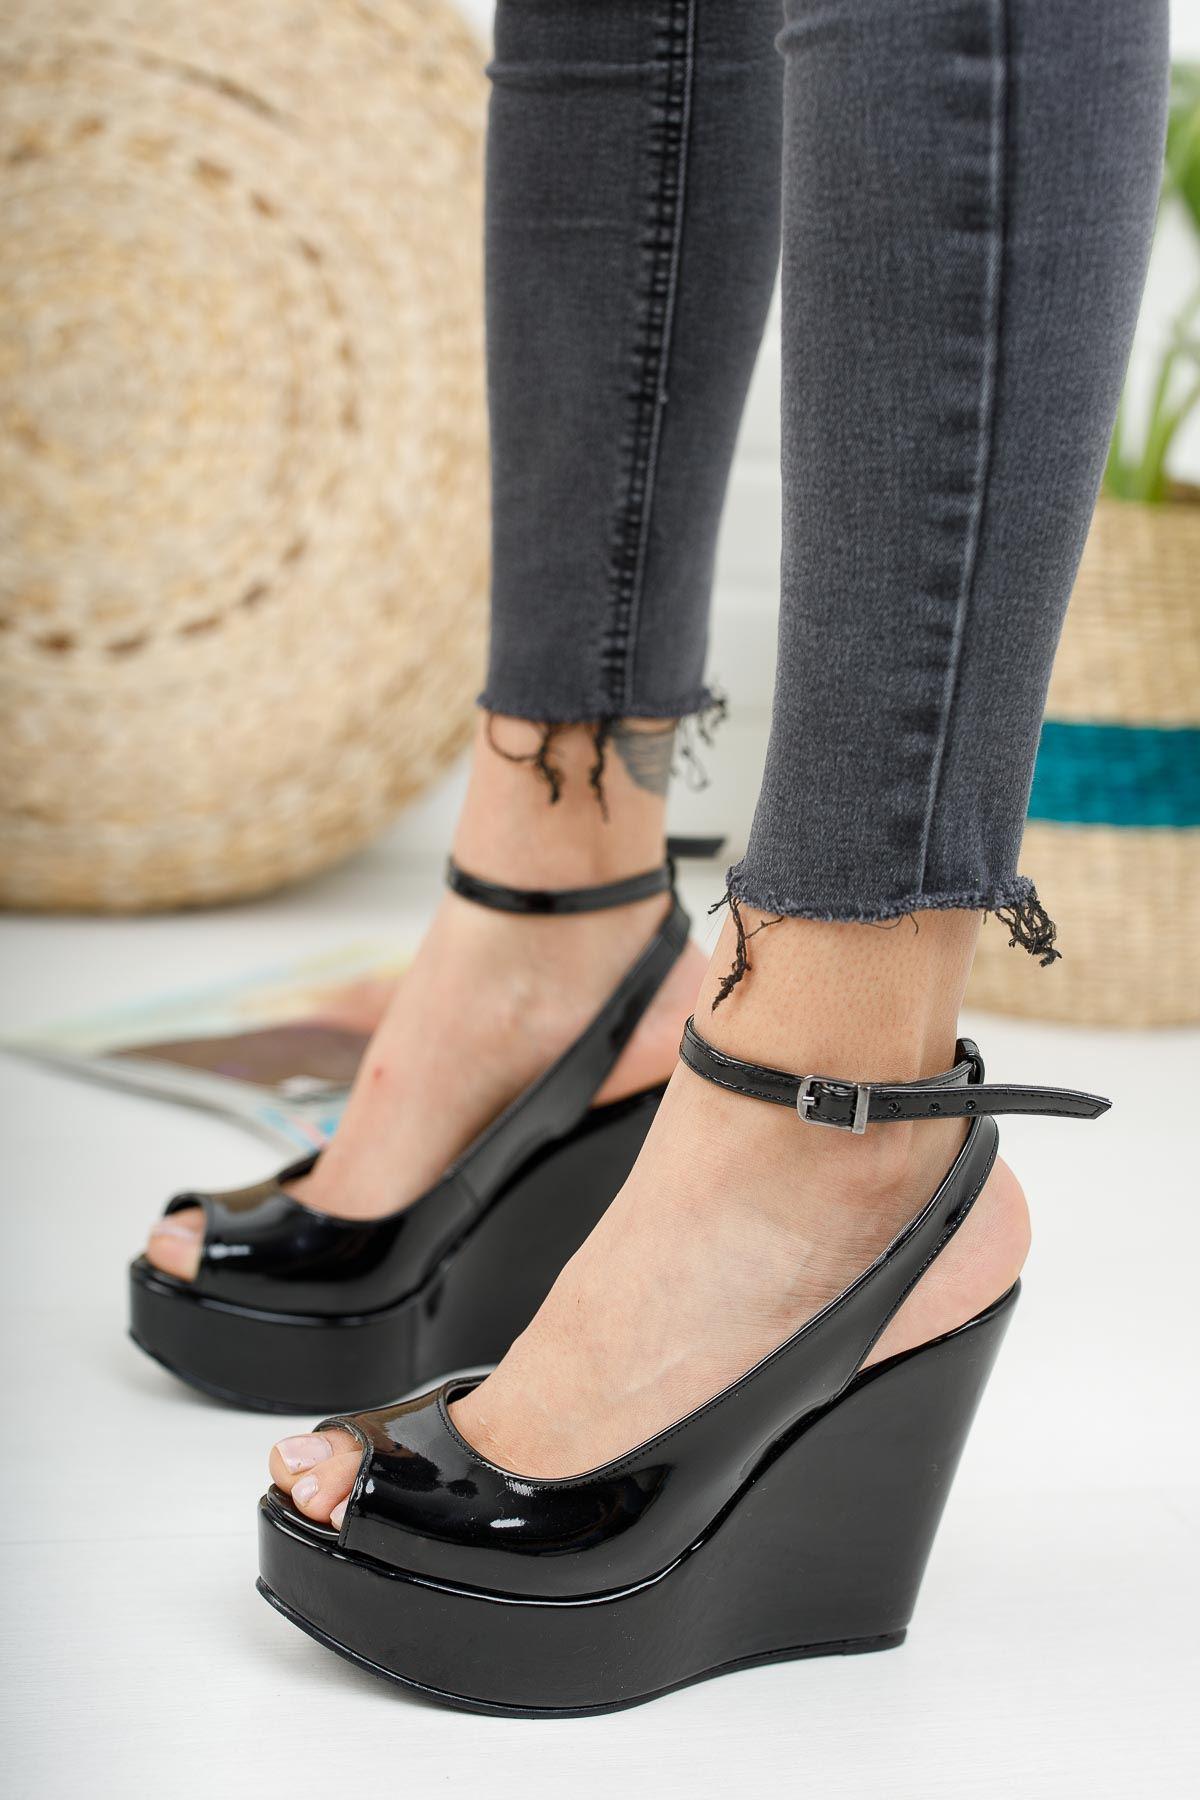 Queen Siyah Rugan Dolgu Topuklu Kadın Ayakkabı